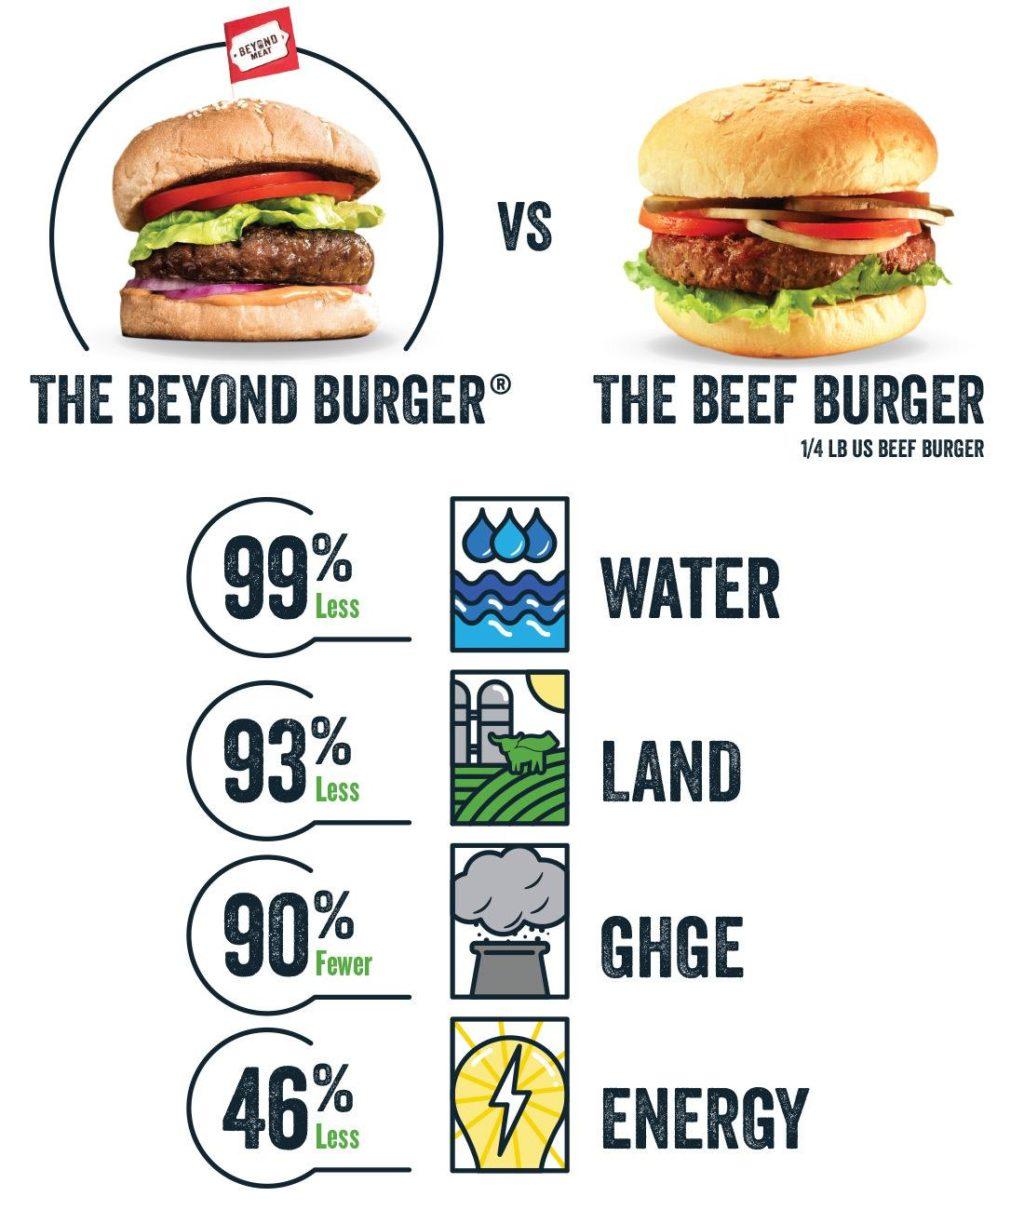 Auswirkung aufs Klima: Vergleich zwischen dem Beyond Burger und einem Rindfleischburger